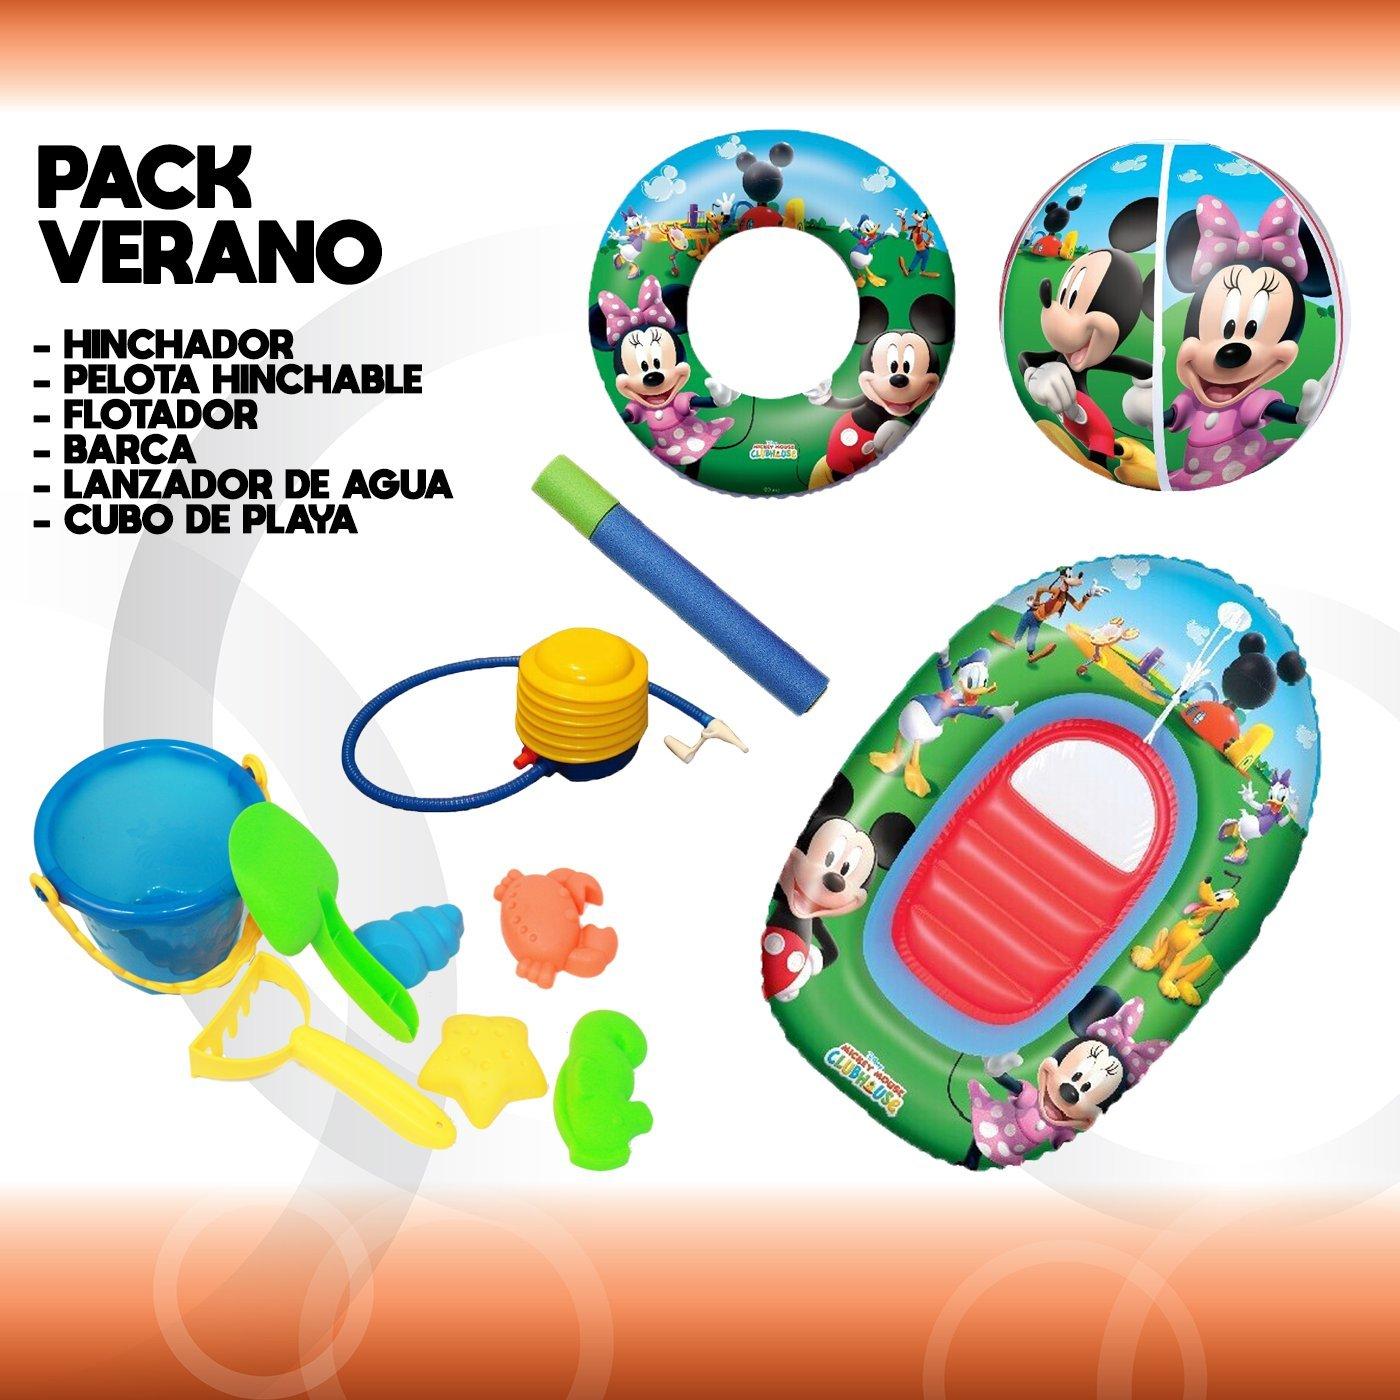 Pack Verano Ousdy / Hinchador + Flotador + Pelota + Barca + Lanzador de agua + Cubo de playa: Amazon.es: Jardín